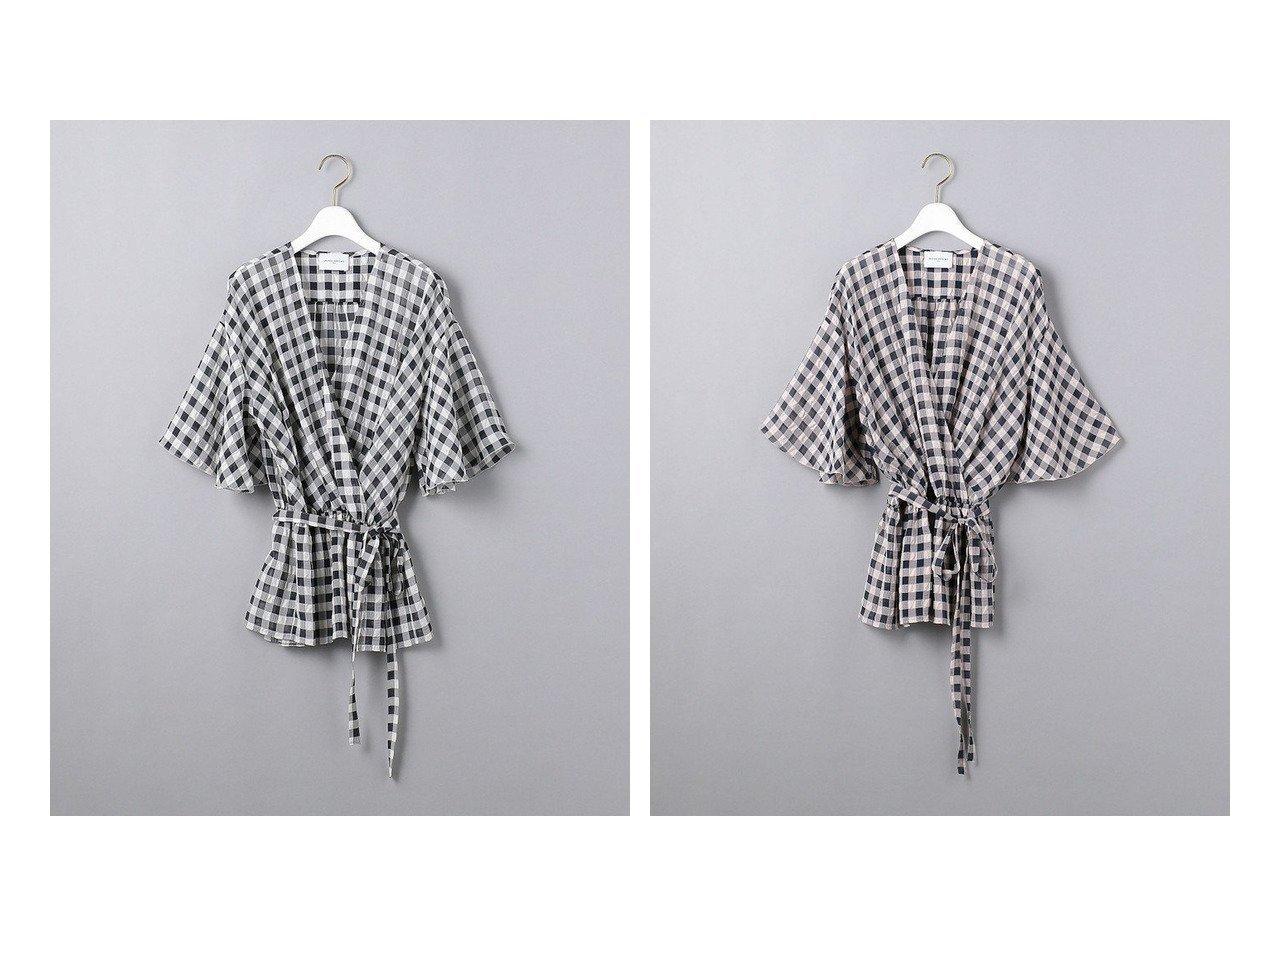 【UNITED ARROWS/ユナイテッドアローズ】のUWCC P ギンガムチェック カシュクール ブラウス 【トップス・カットソー】おすすめ!人気、トレンド・レディースファッションの通販 おすすめで人気の流行・トレンド、ファッションの通販商品 インテリア・家具・メンズファッション・キッズファッション・レディースファッション・服の通販 founy(ファニー) https://founy.com/ ファッション Fashion レディースファッション WOMEN トップス・カットソー Tops/Tshirt シャツ/ブラウス Shirts/Blouses NEW・新作・新着・新入荷 New Arrivals カシュクール ギンガム サッカー チェック フィット |ID:crp329100000048369